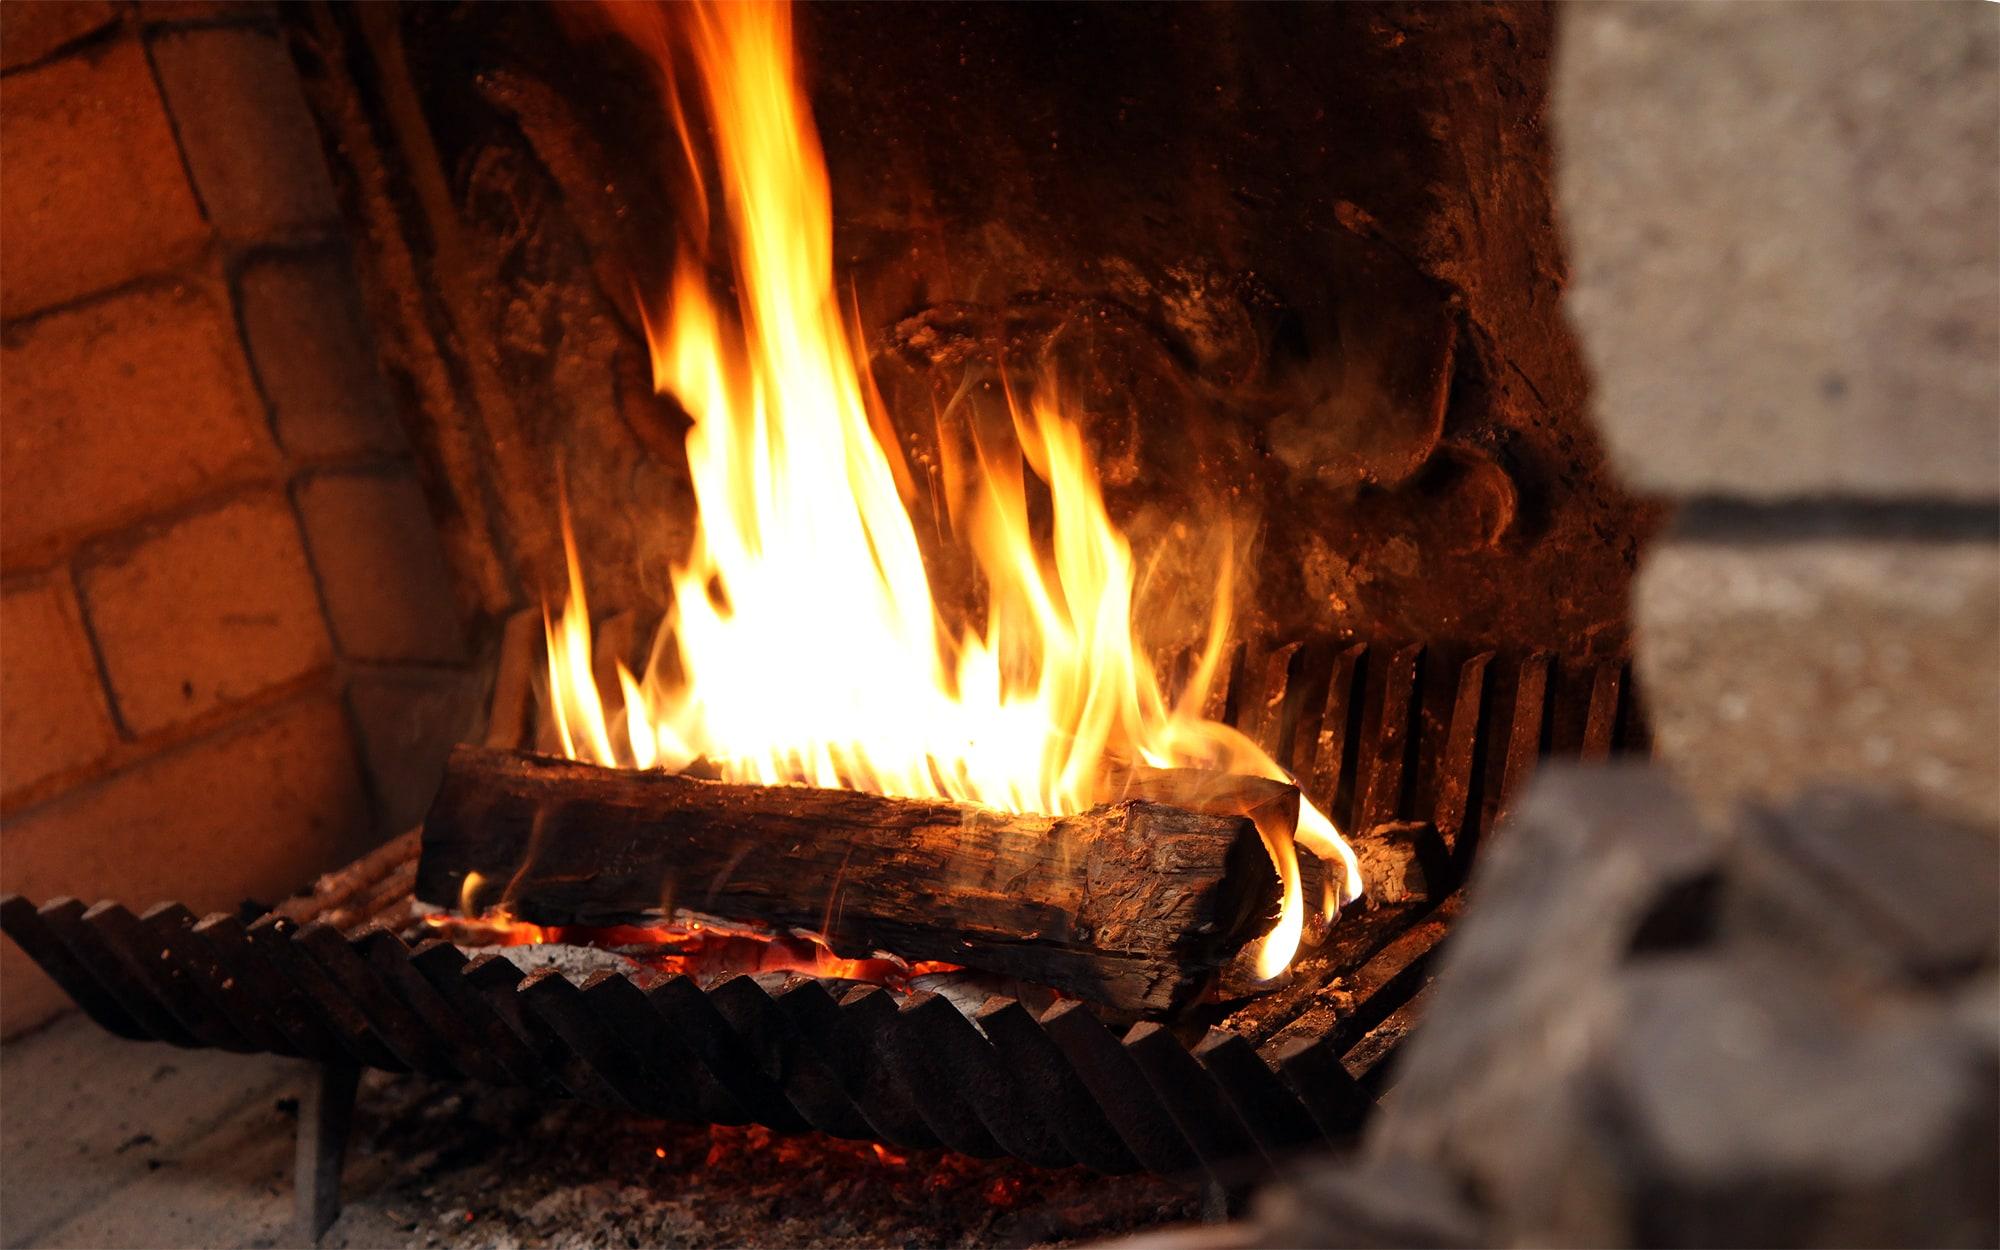 暖炉 - 山口県 萩市|世界遺産[萩城下町]唯一の旅館 萩城三の丸 北門屋敷